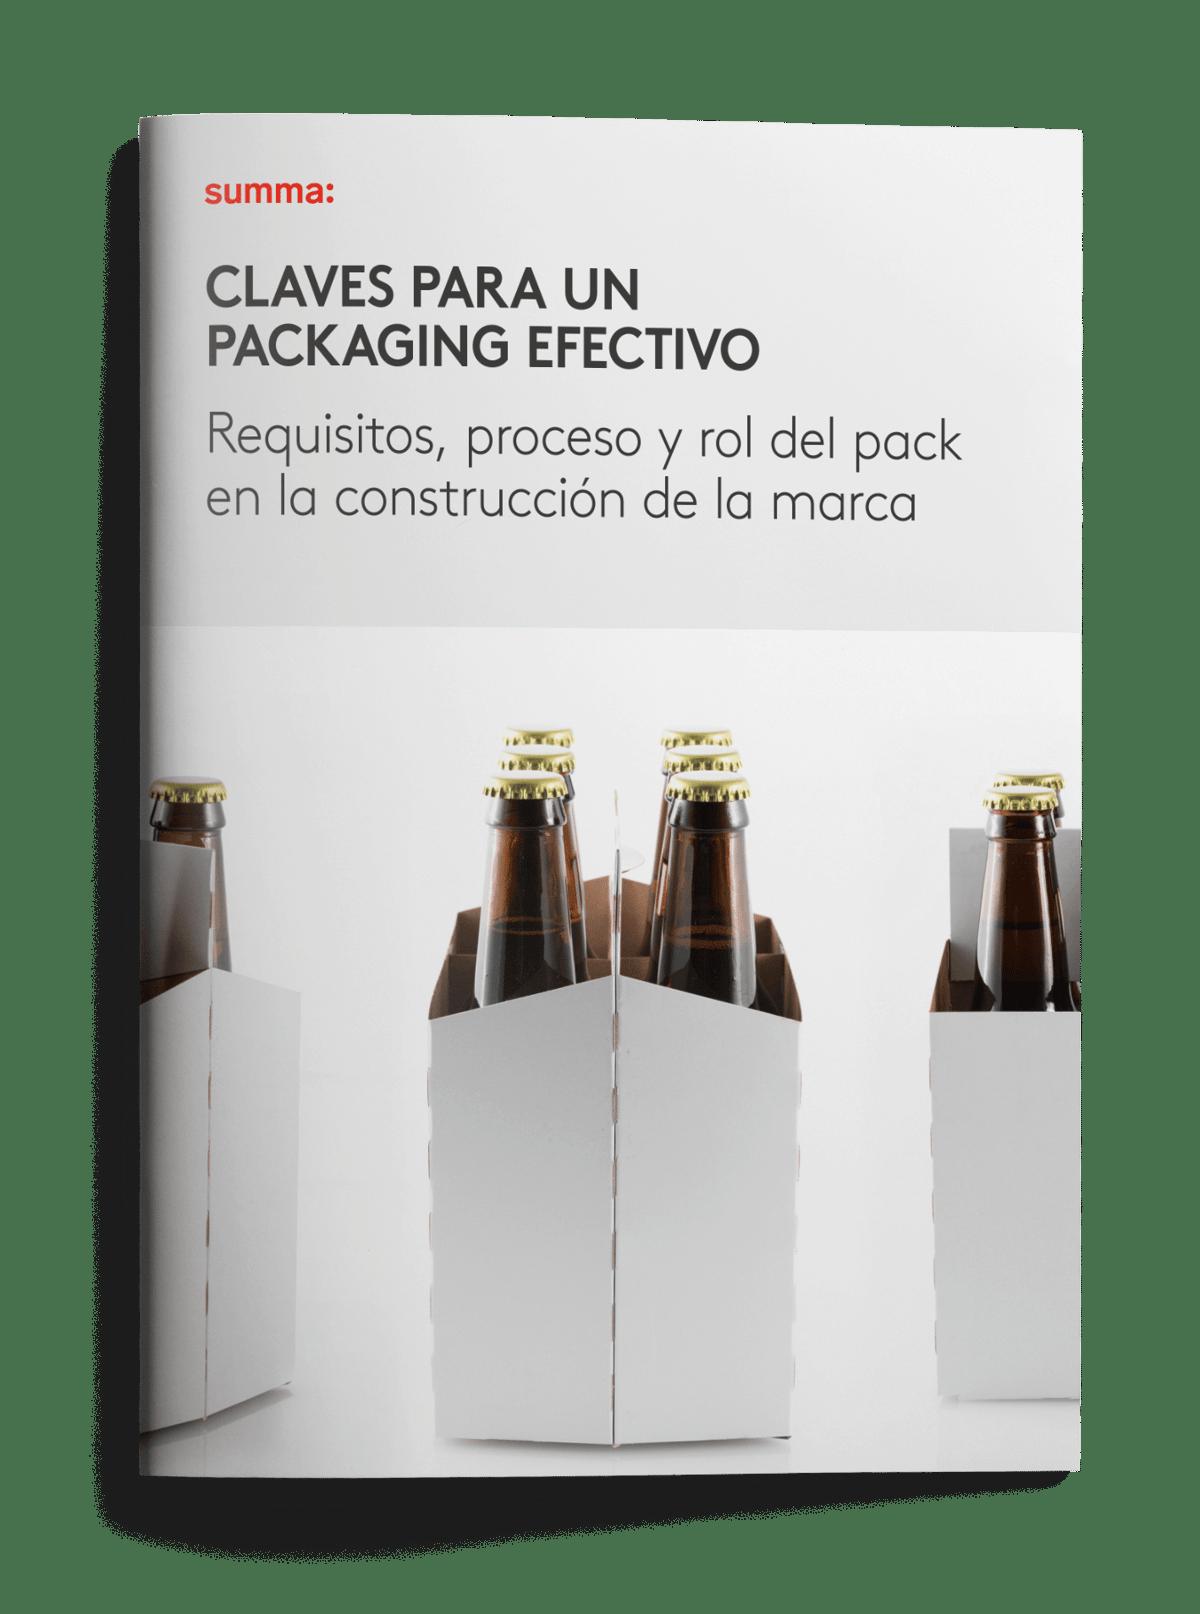 SUM - El packaging perfecto_ qué es y cómo lograrlo - Portada (1).png